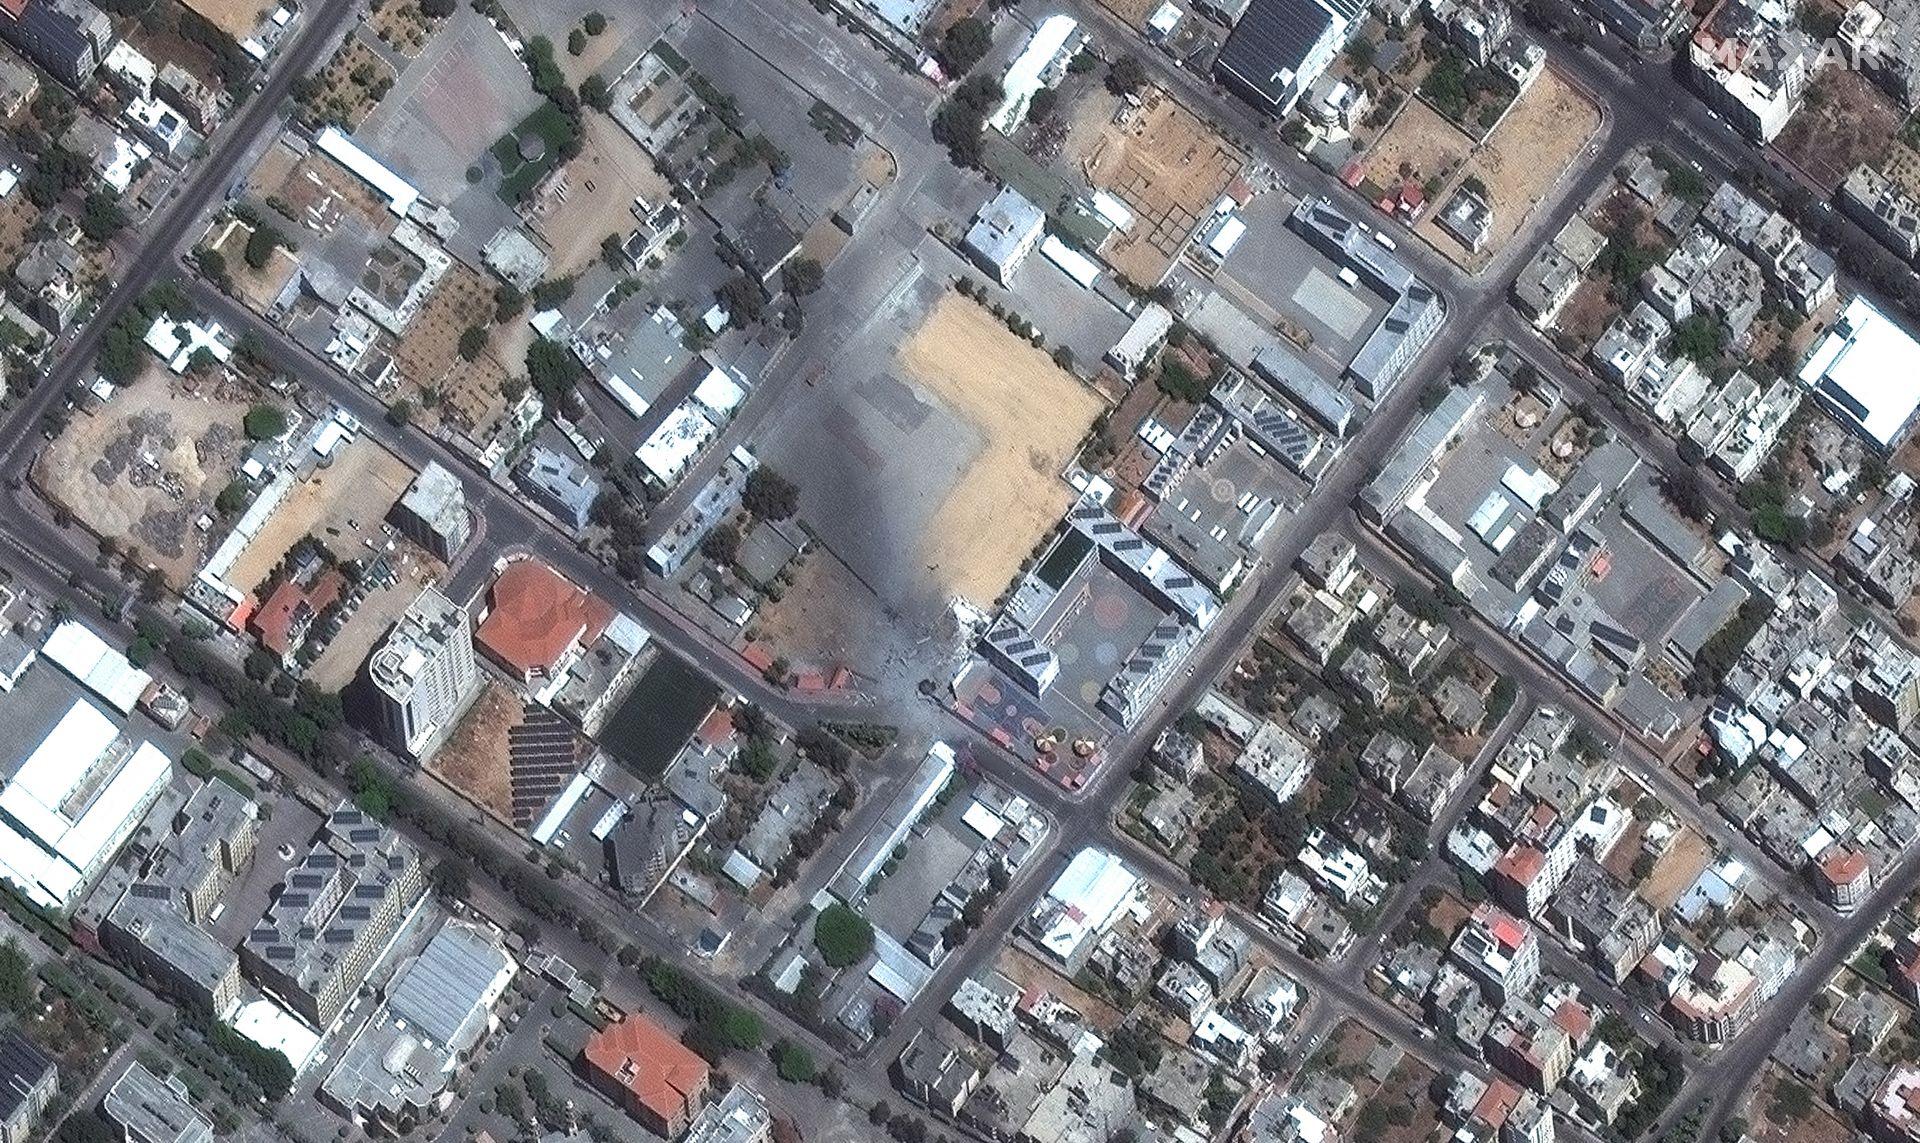 Развалините на обезопасителна сграда, след ракетен удар в Газа